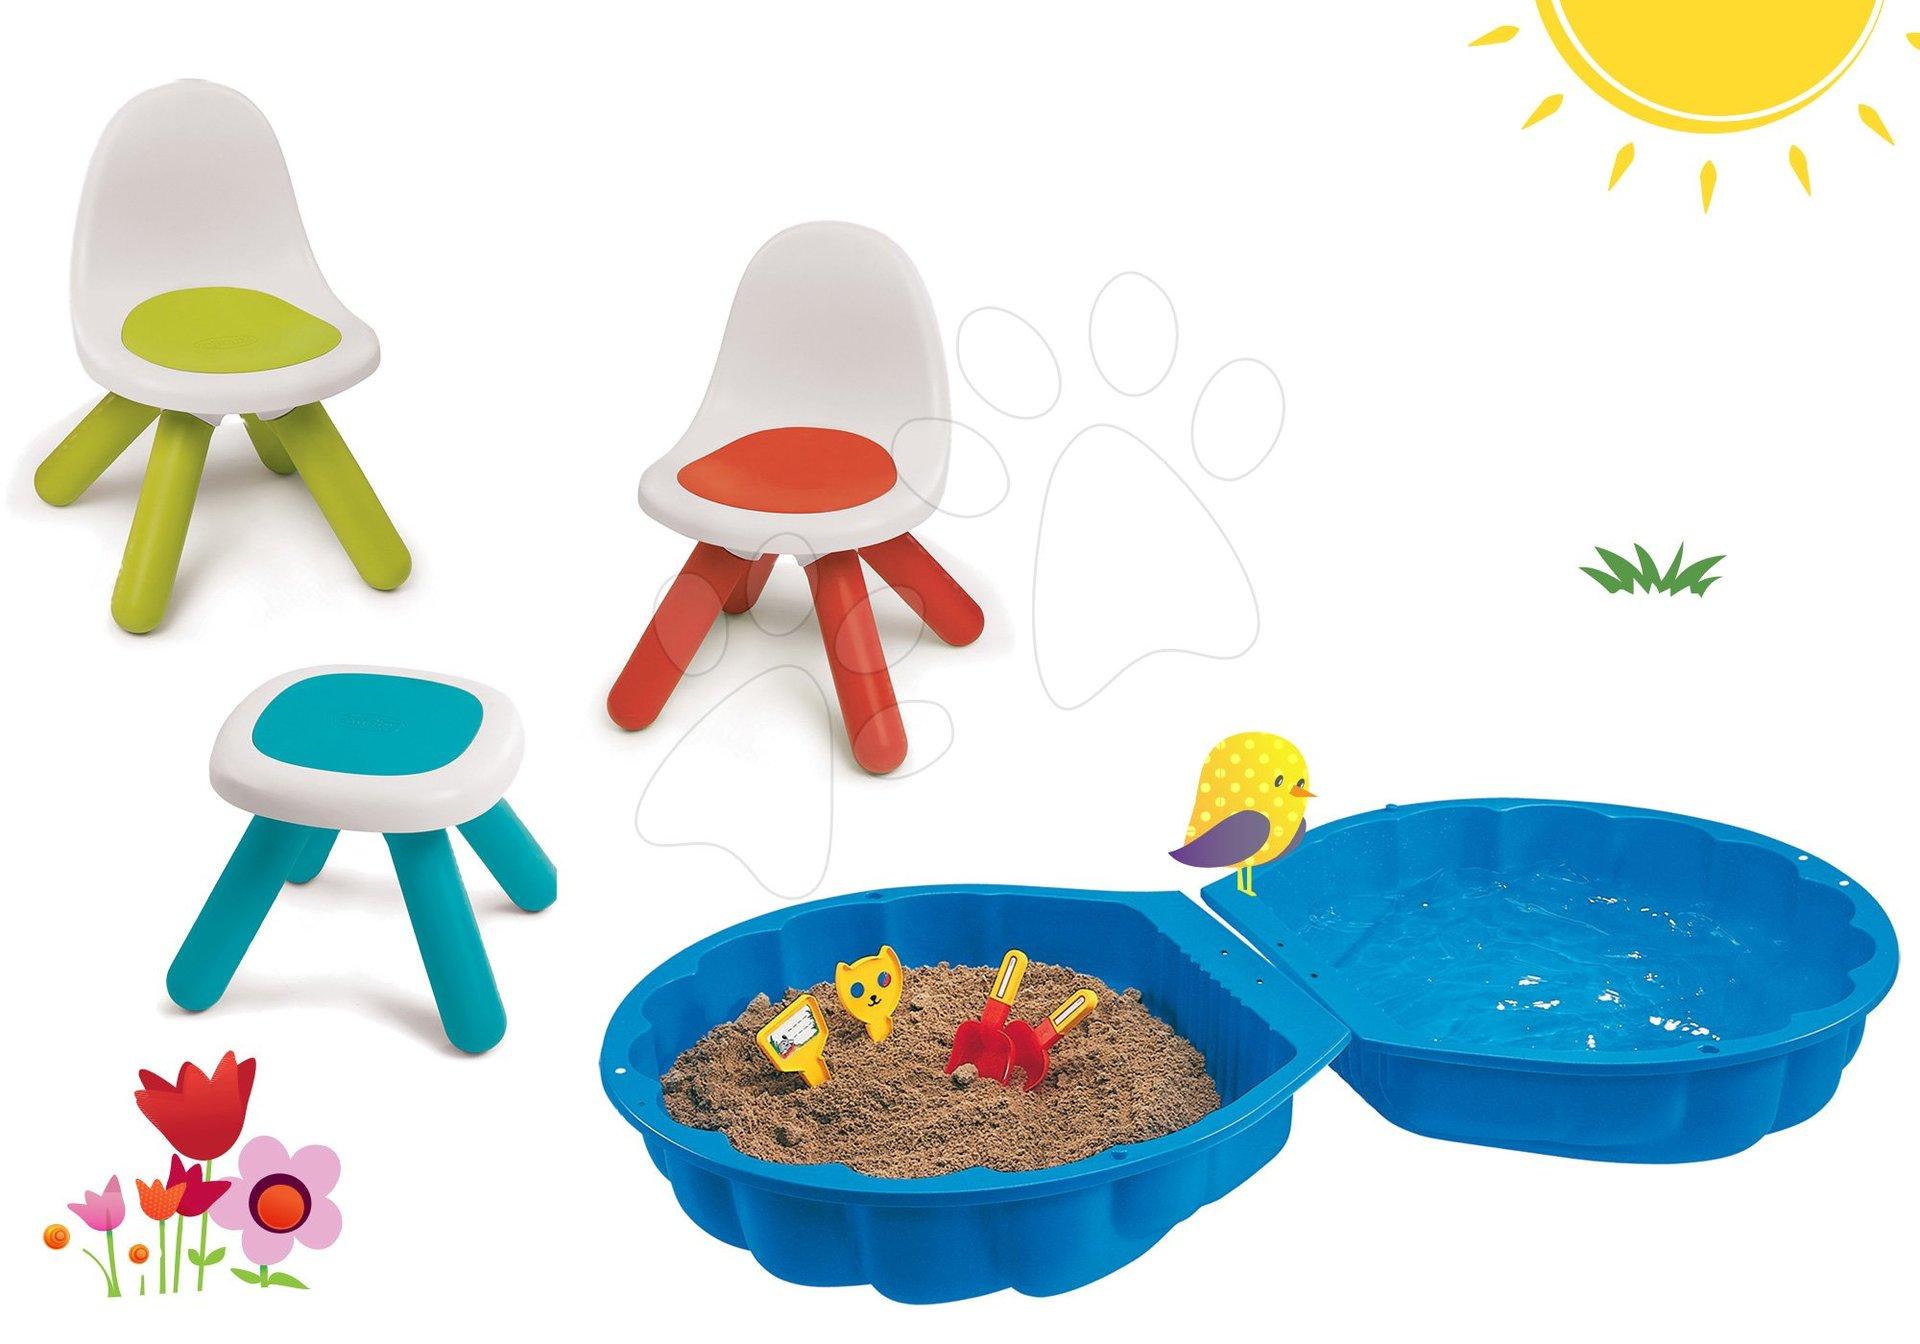 Smoby set dětský stůl Kidstool Smoby a 2 židle KidChair a dvoudílné pískoviště Mušle 880200A-17